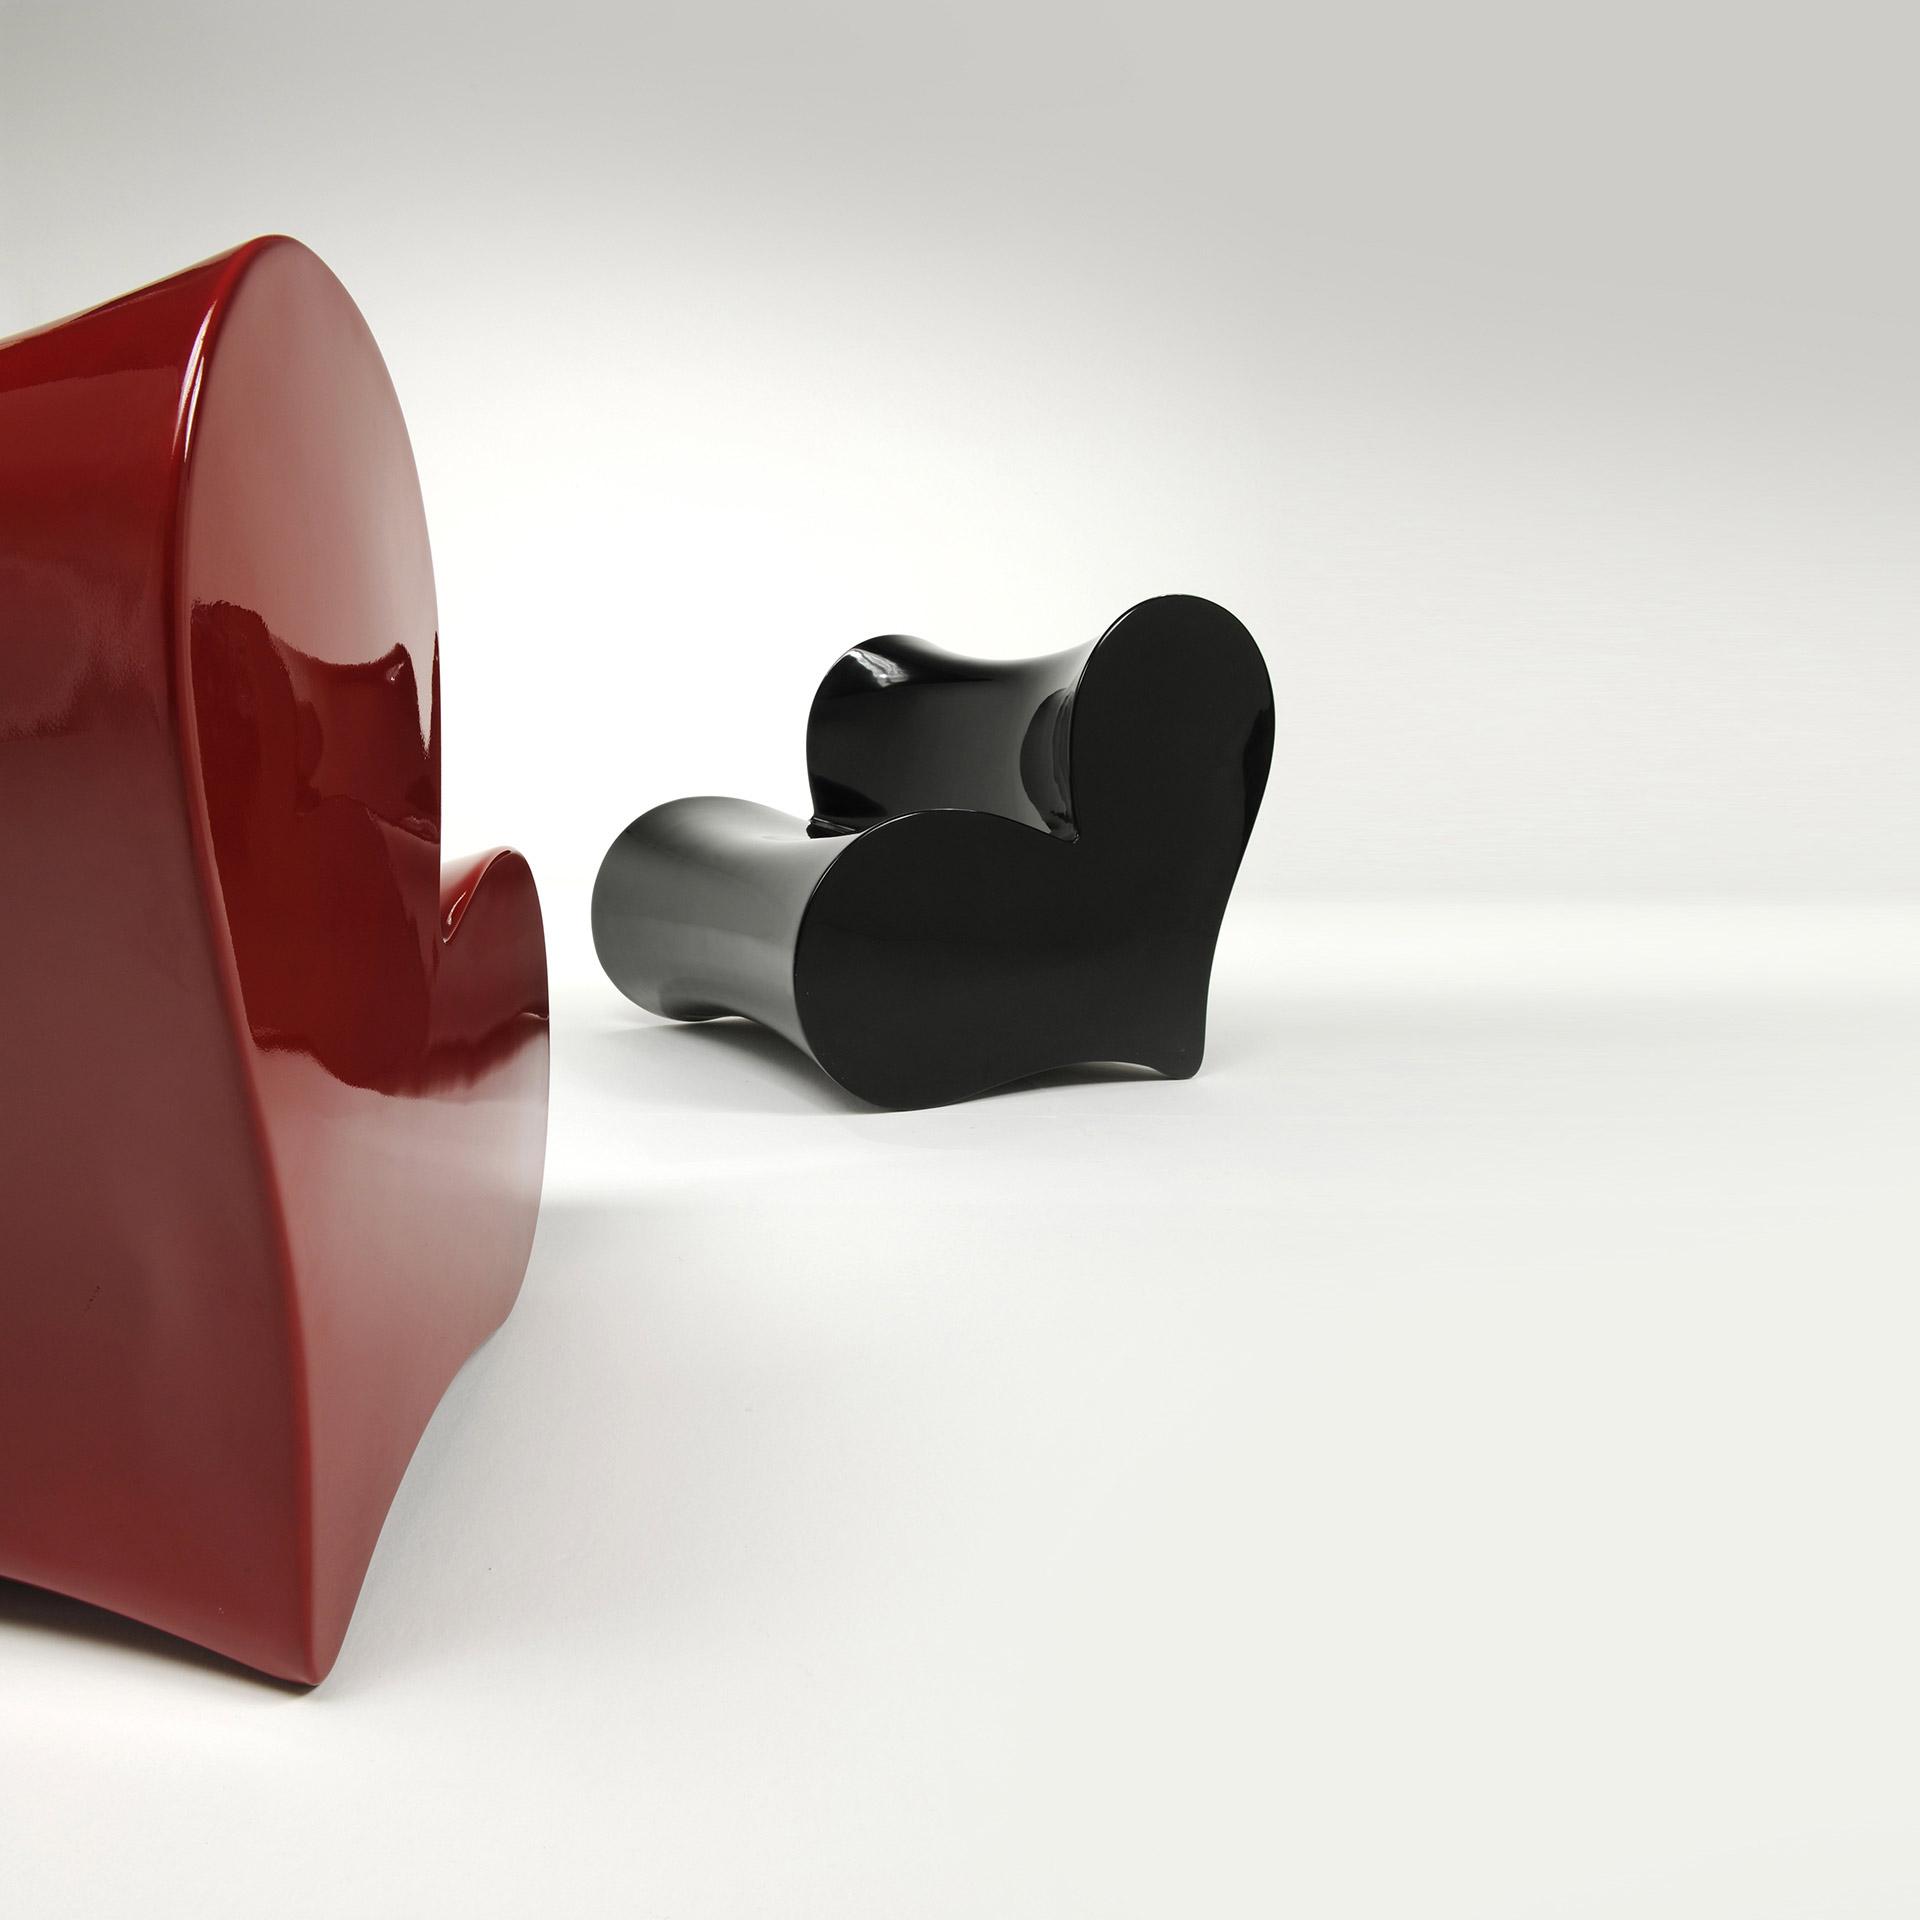 Sedia Useful Icon, Art Furniture Collection disegnata da Luca Casini